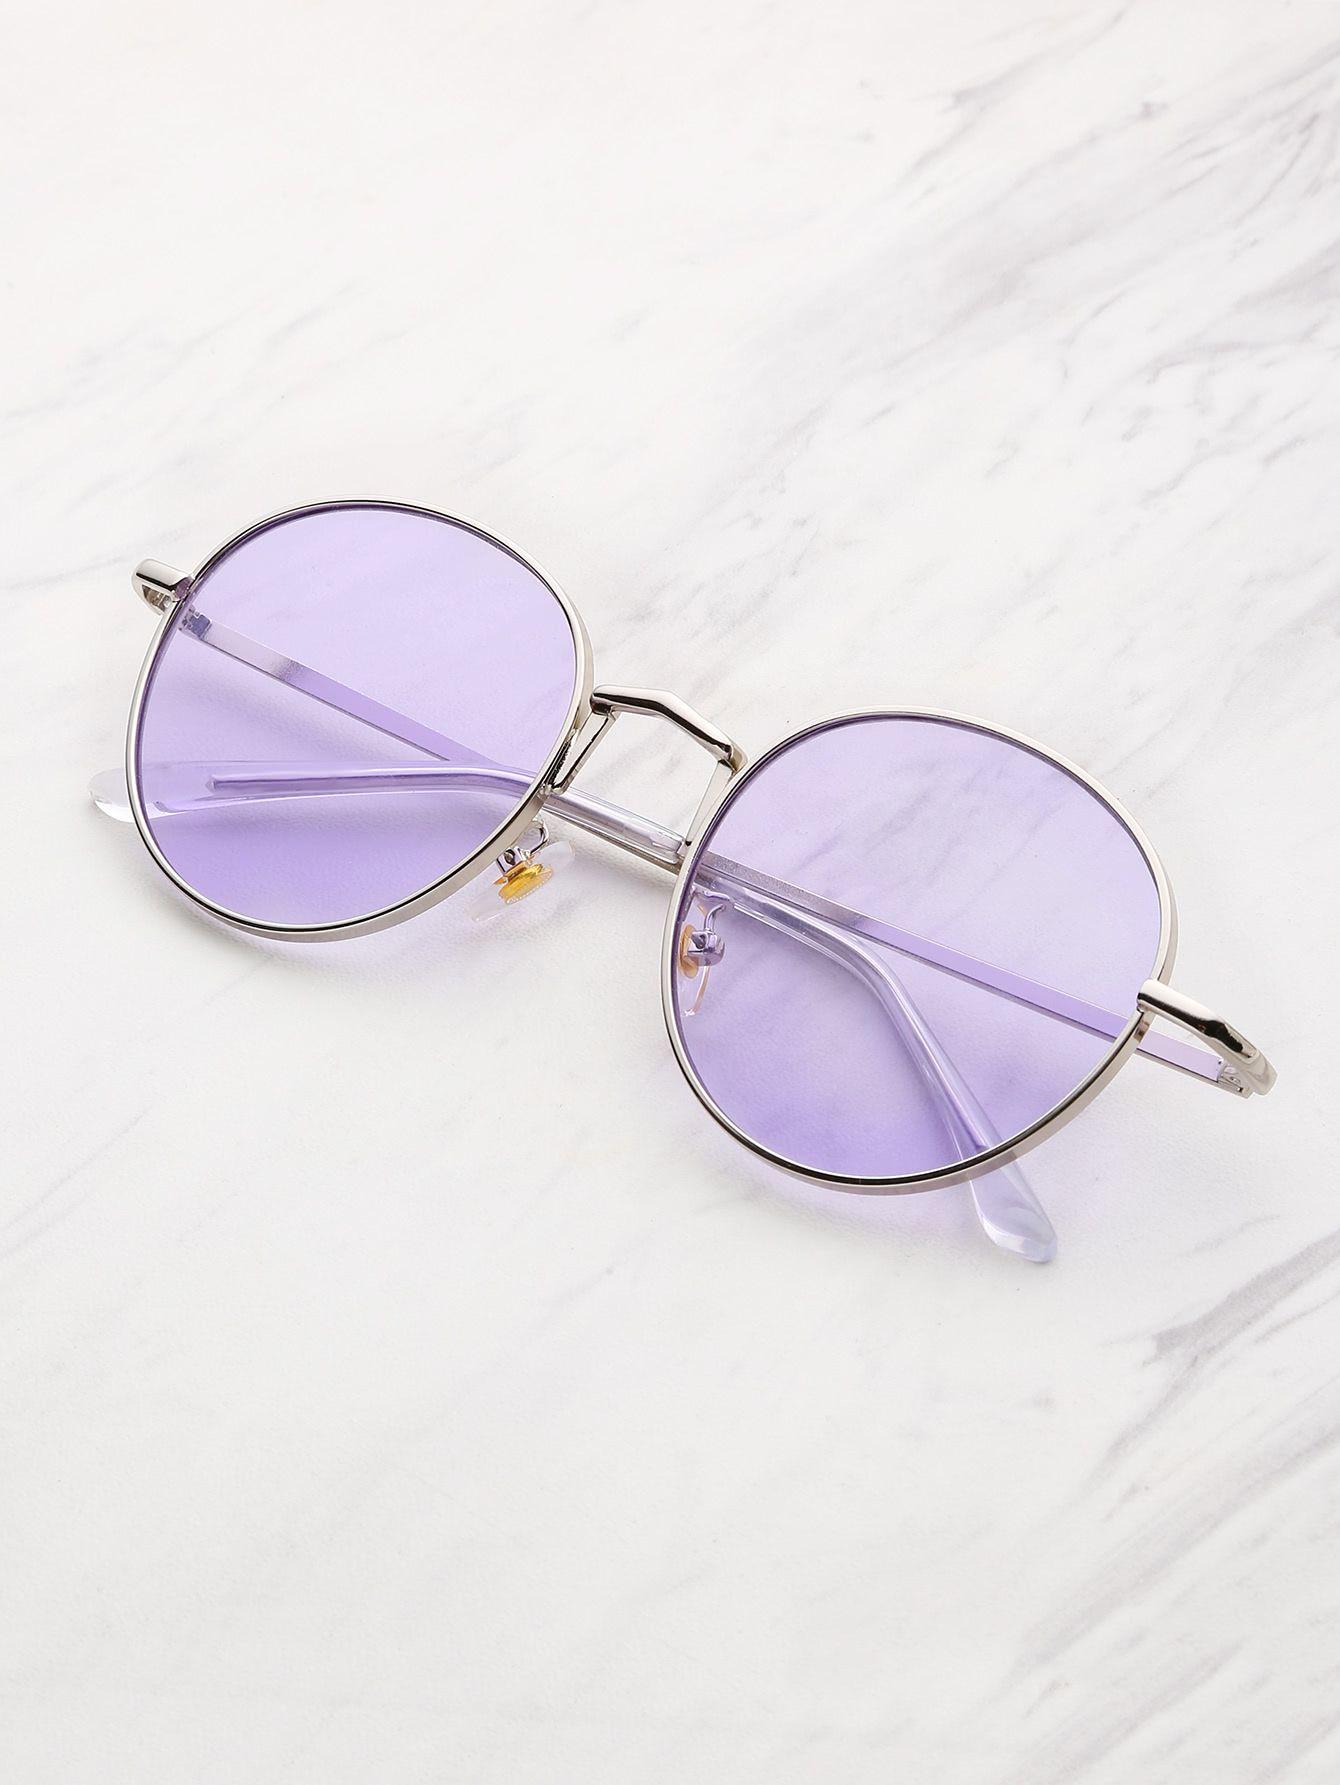 6f796c2b5ba1b Модные солнечные очки   Style   Pinterest